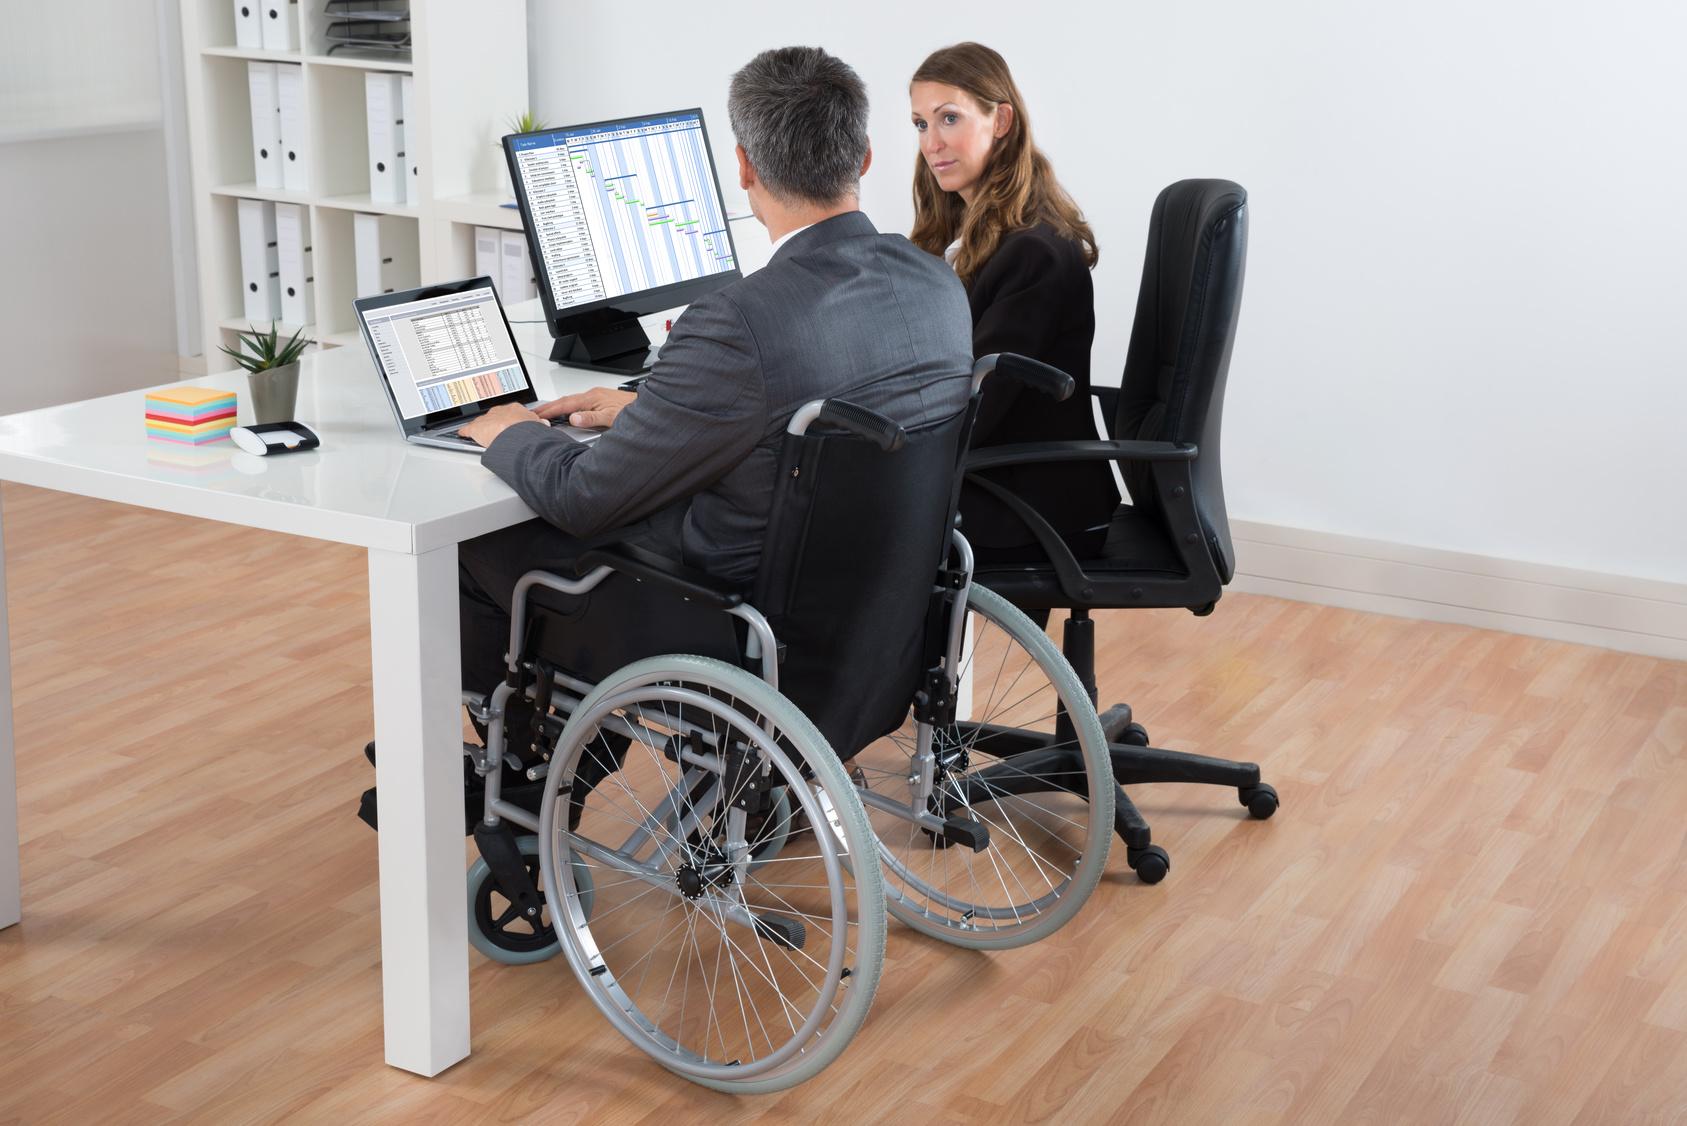 Abfindungspauschale Für Schwerbehinderte Menschen Rechtswidrig Dgb